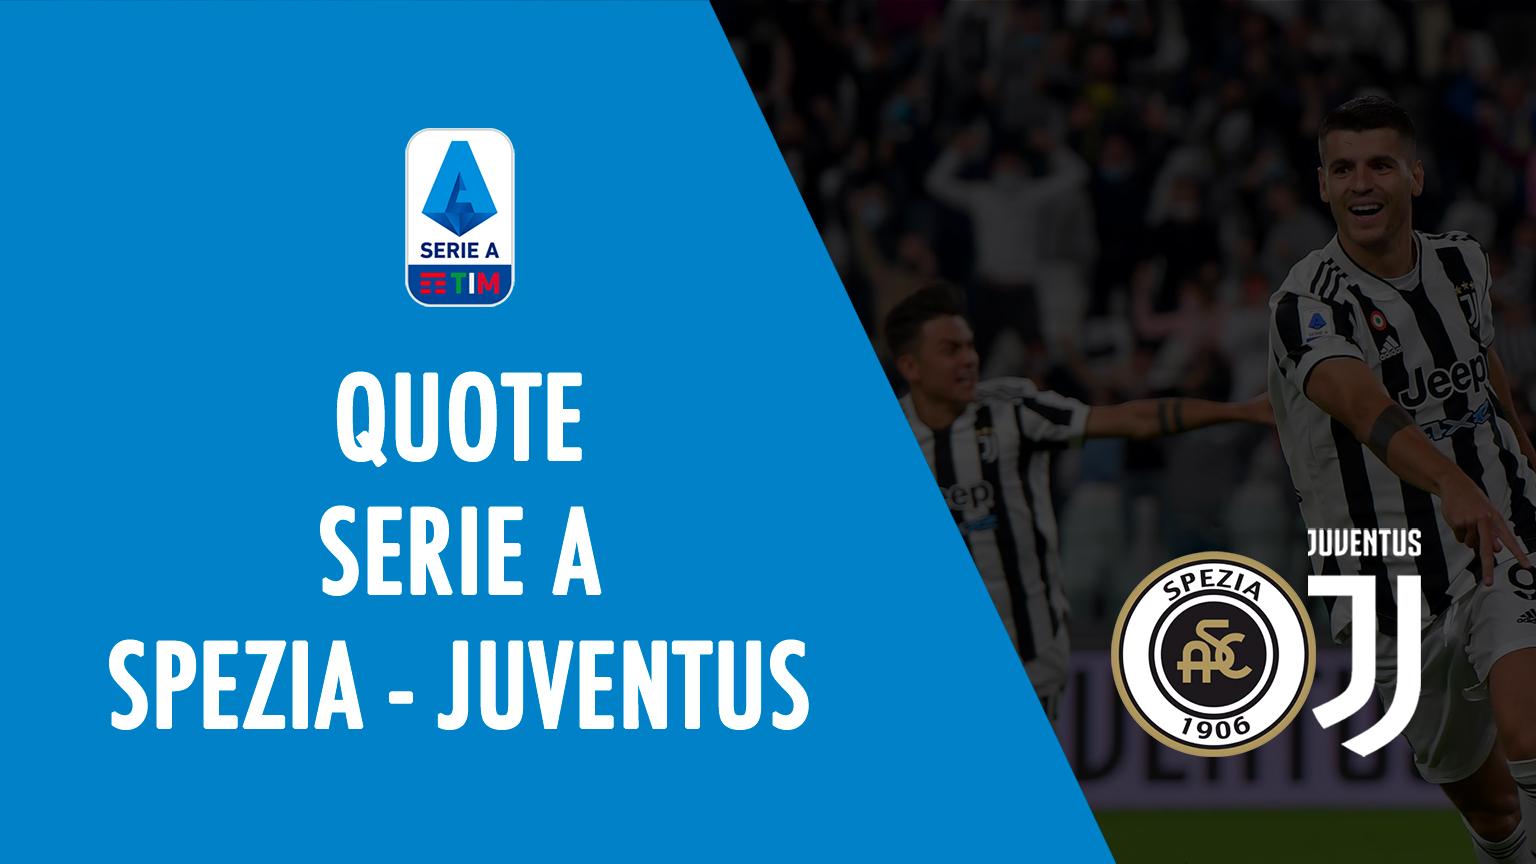 odds spezia juve tempat untuk melihat di tv prediksi formasi odds seri a taruhan sepak bola italia spezia-juventus